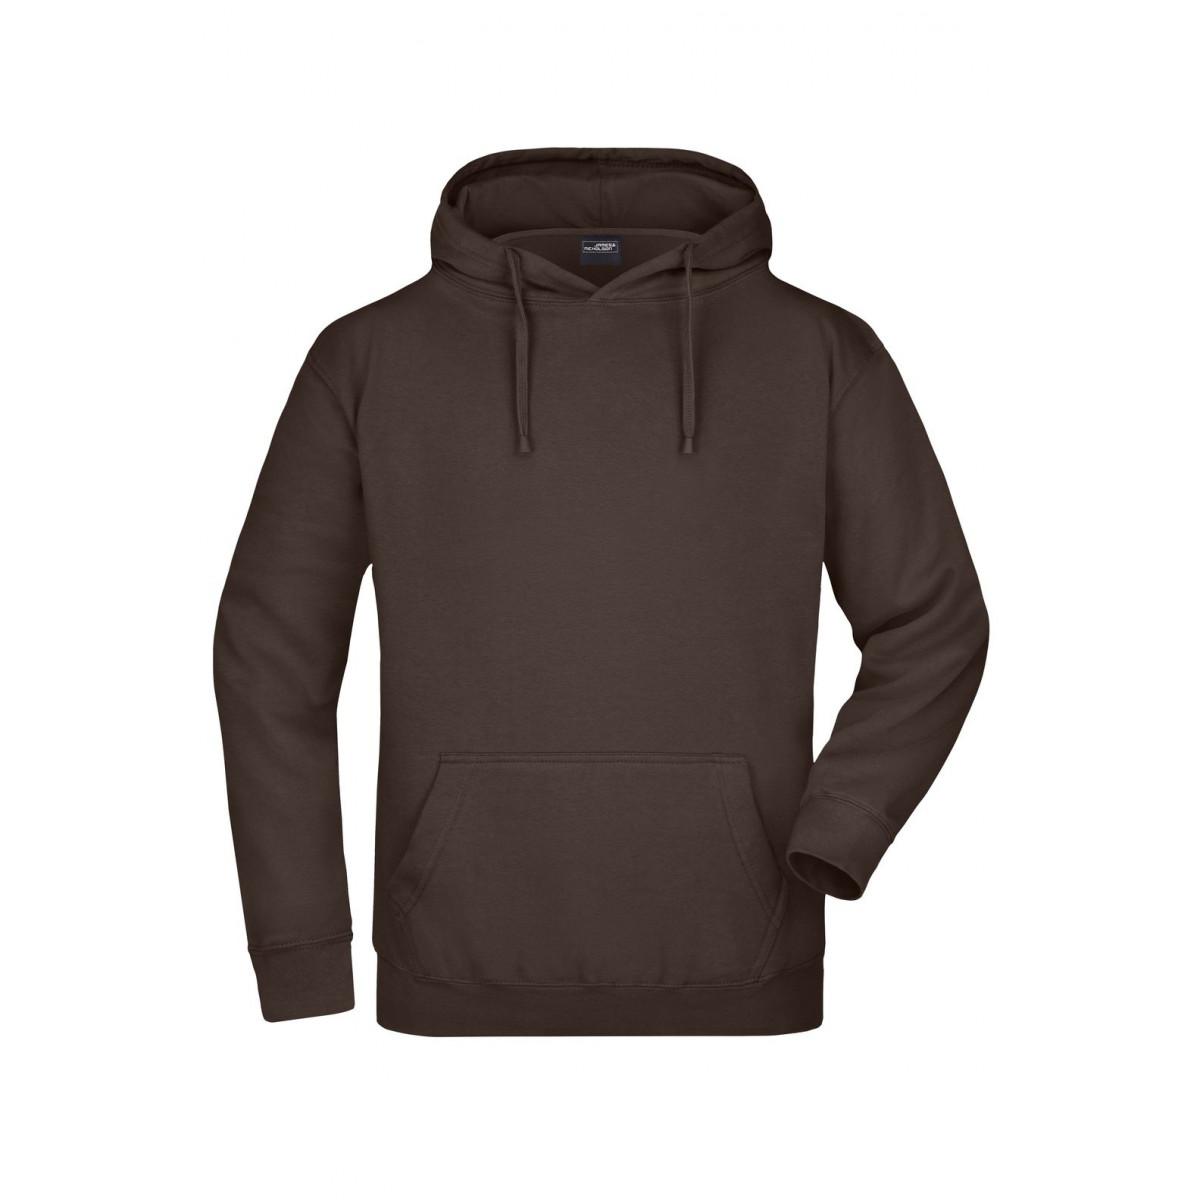 Толстовка мужская JN047 Hooded Sweat - Коричневый